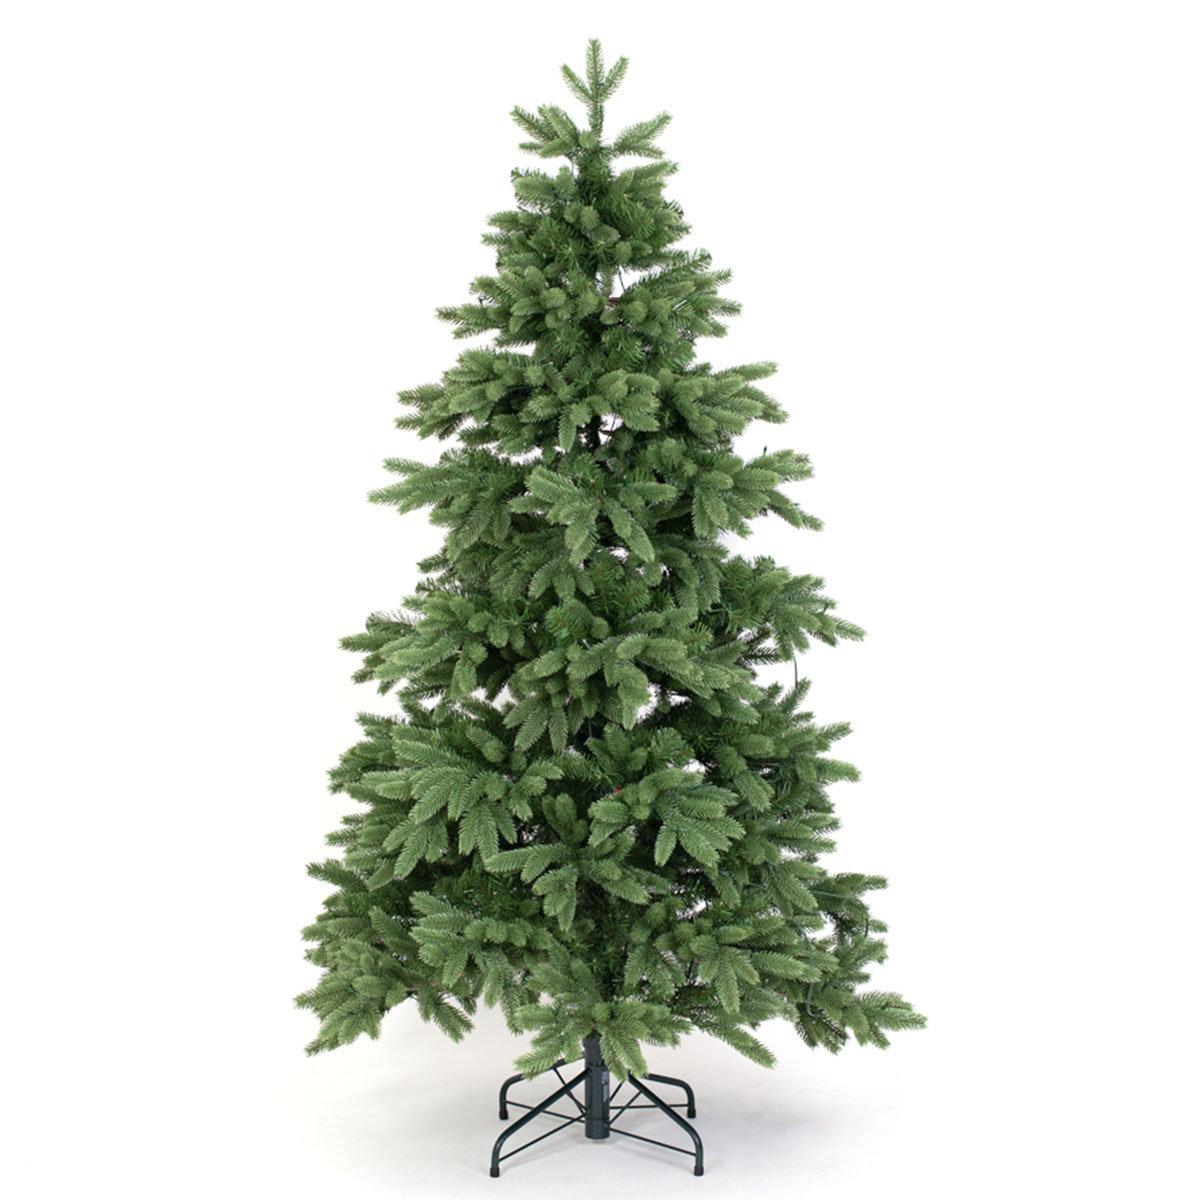 Künstlicher Weihnachtsbaum Fichte, mit LED-Beleuchtung, 150 cm | #9